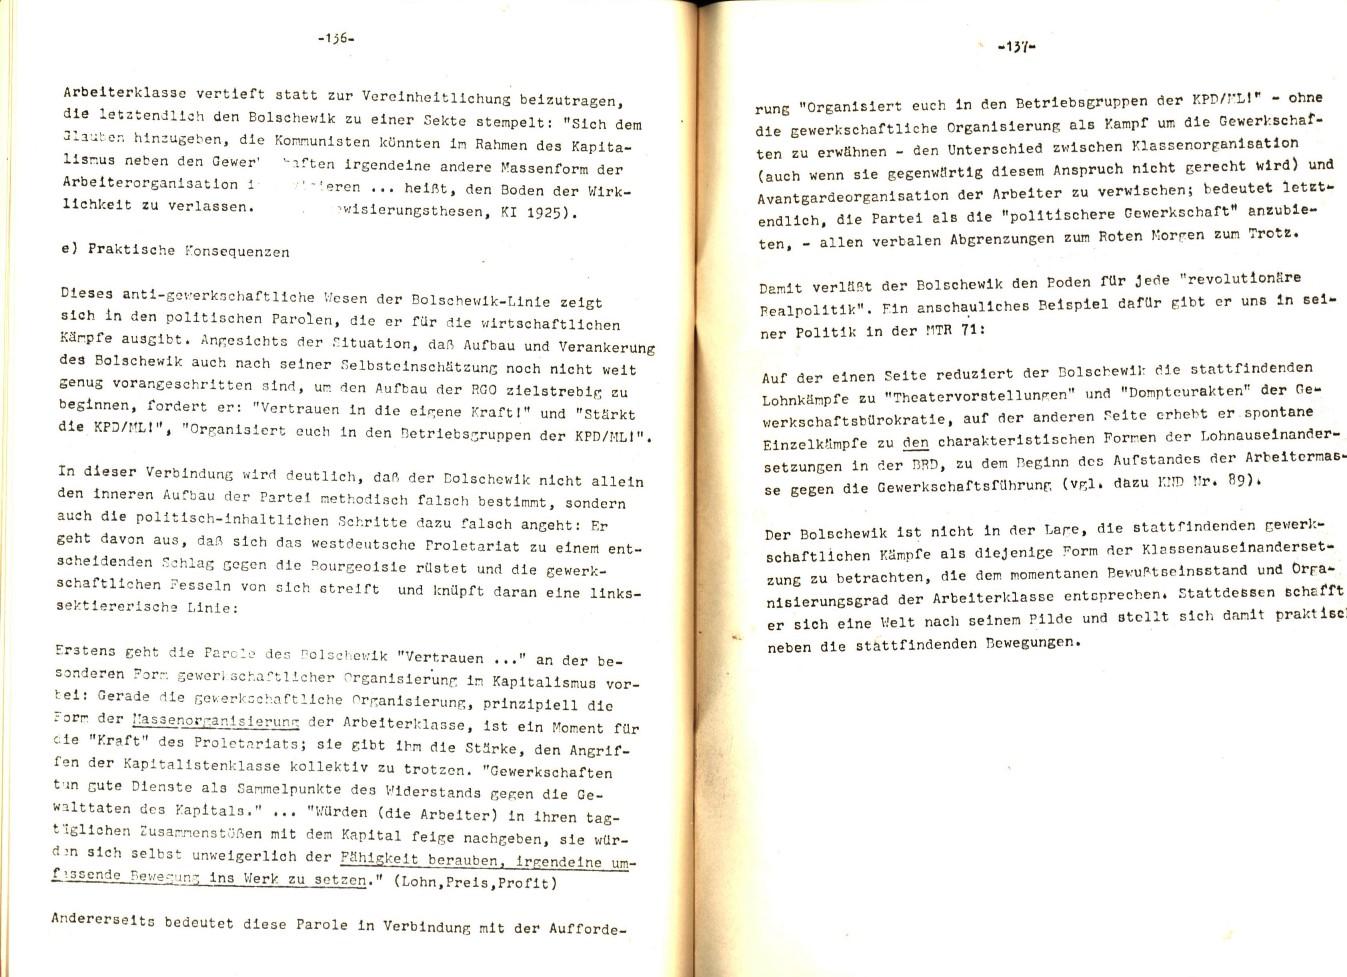 PLPI_1971_Aufloesung_71